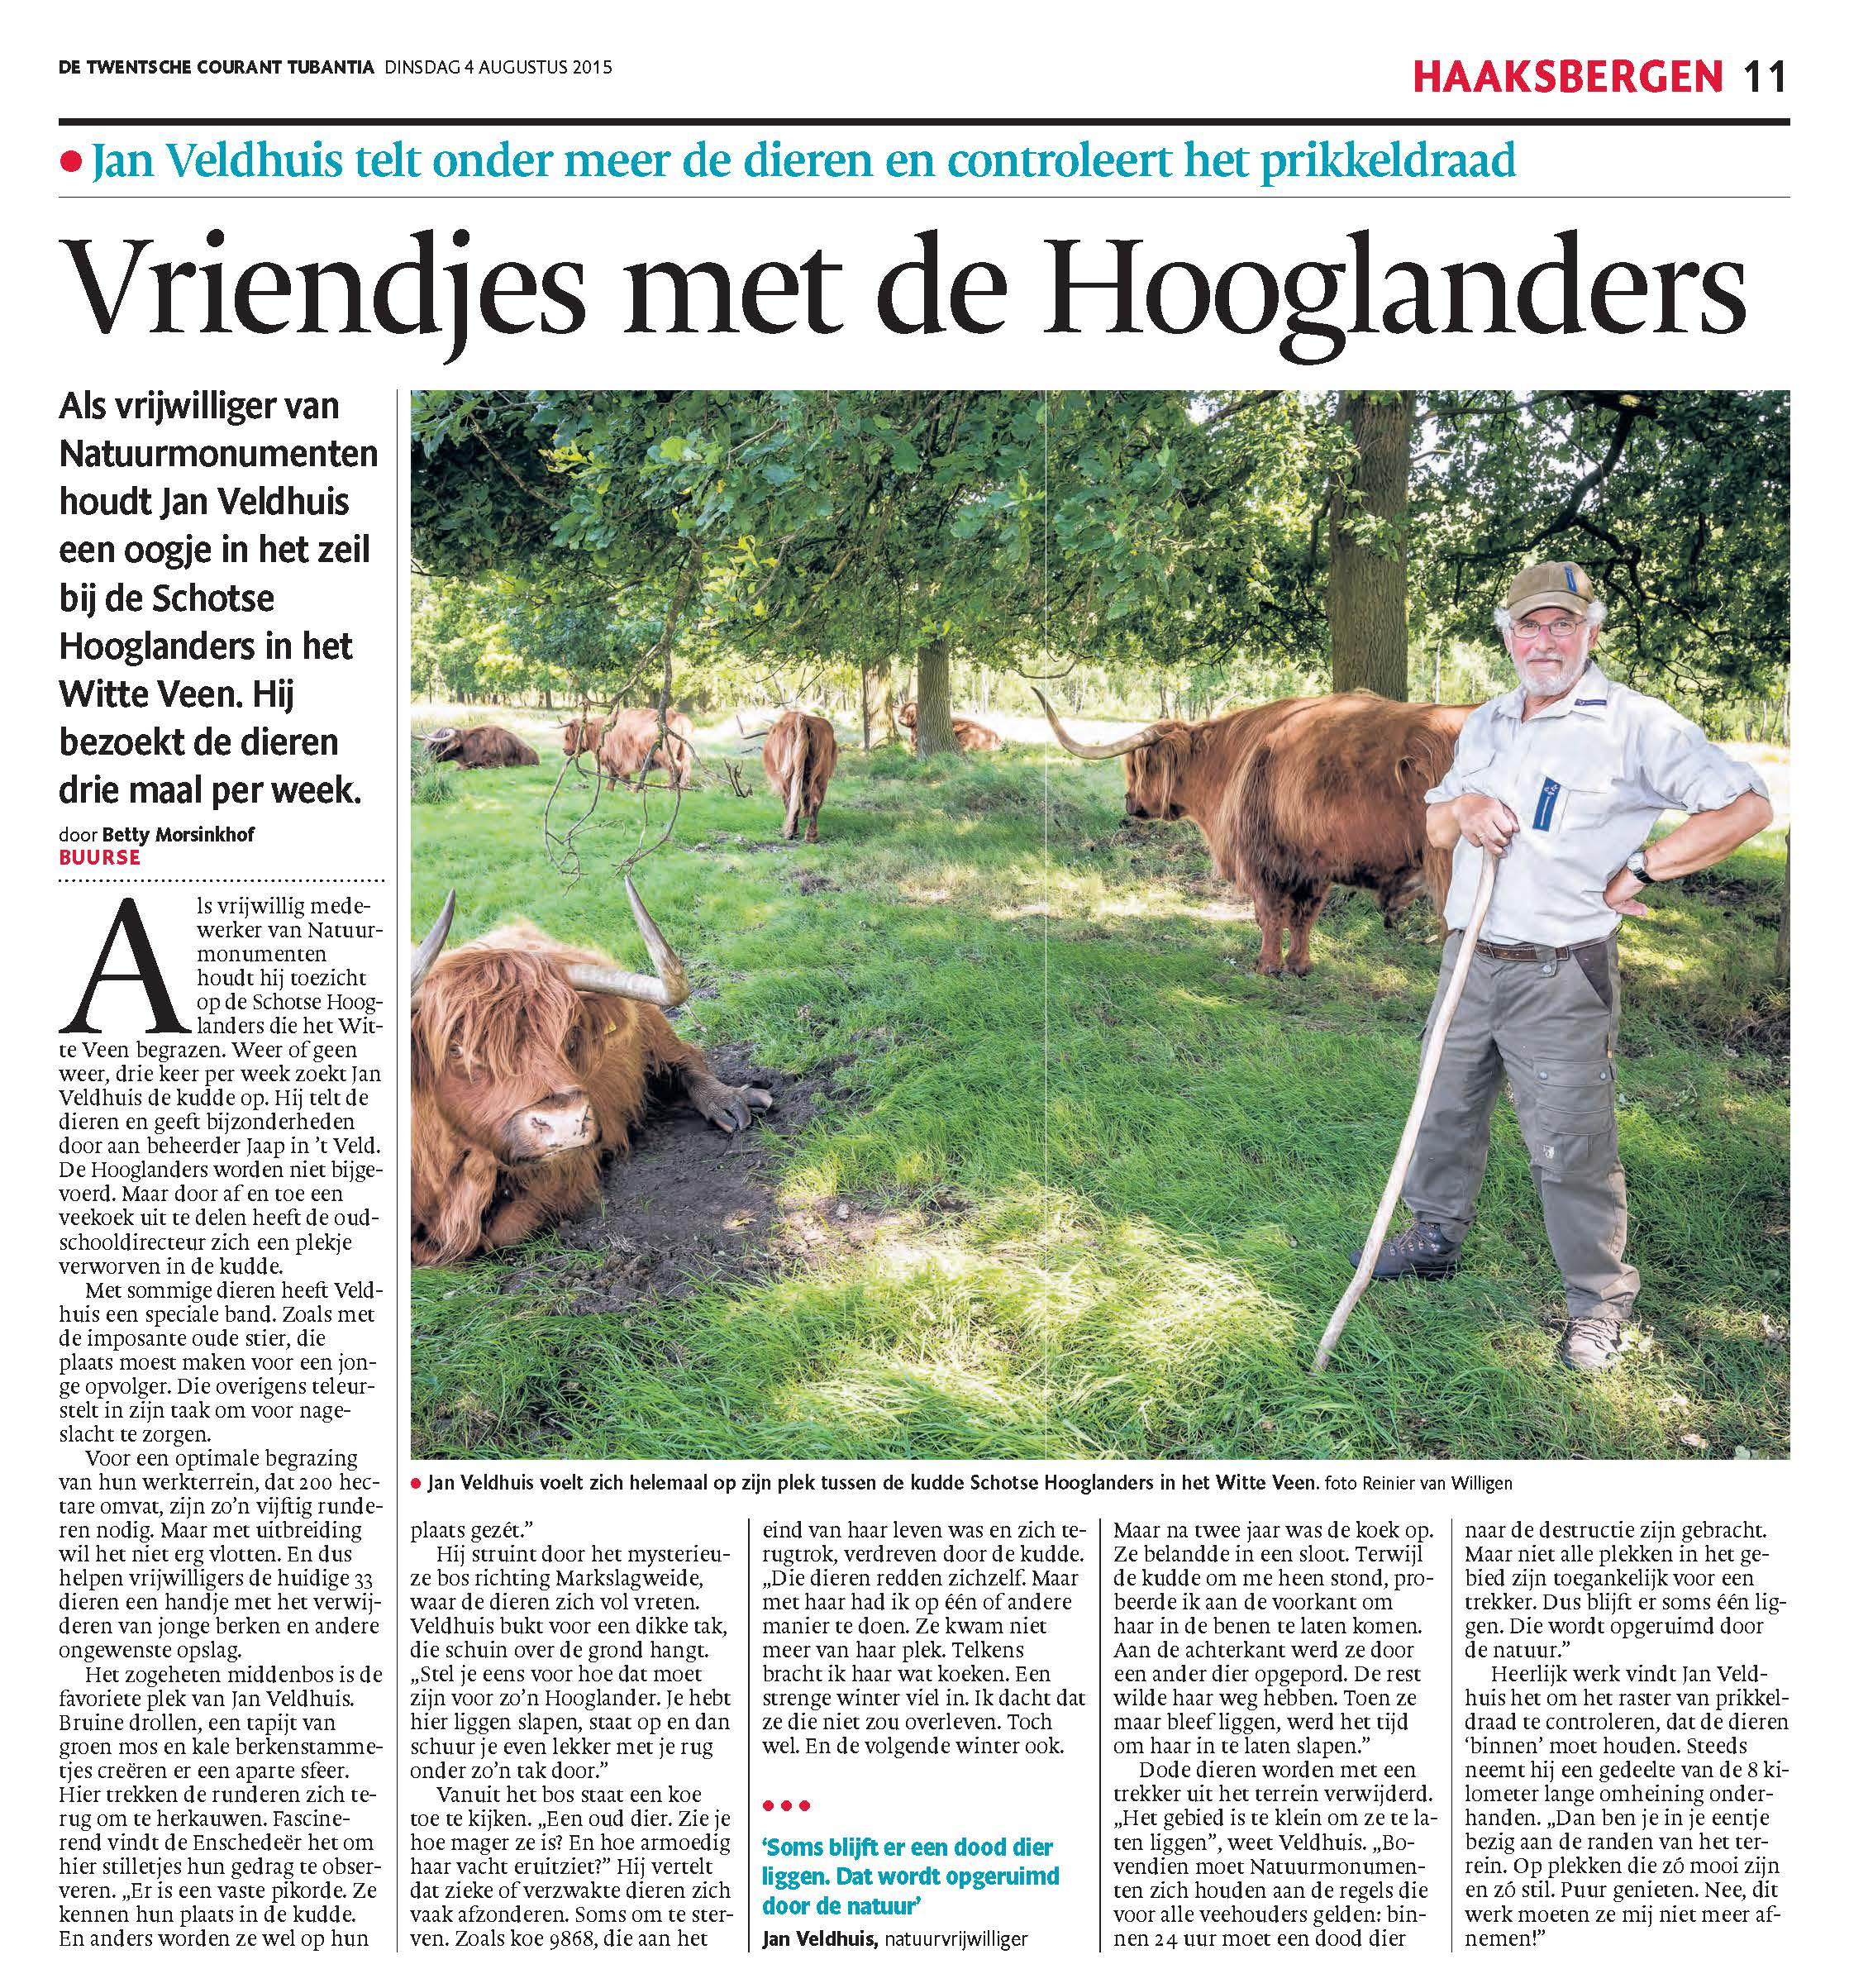 Vriendjes met de Hooglanders